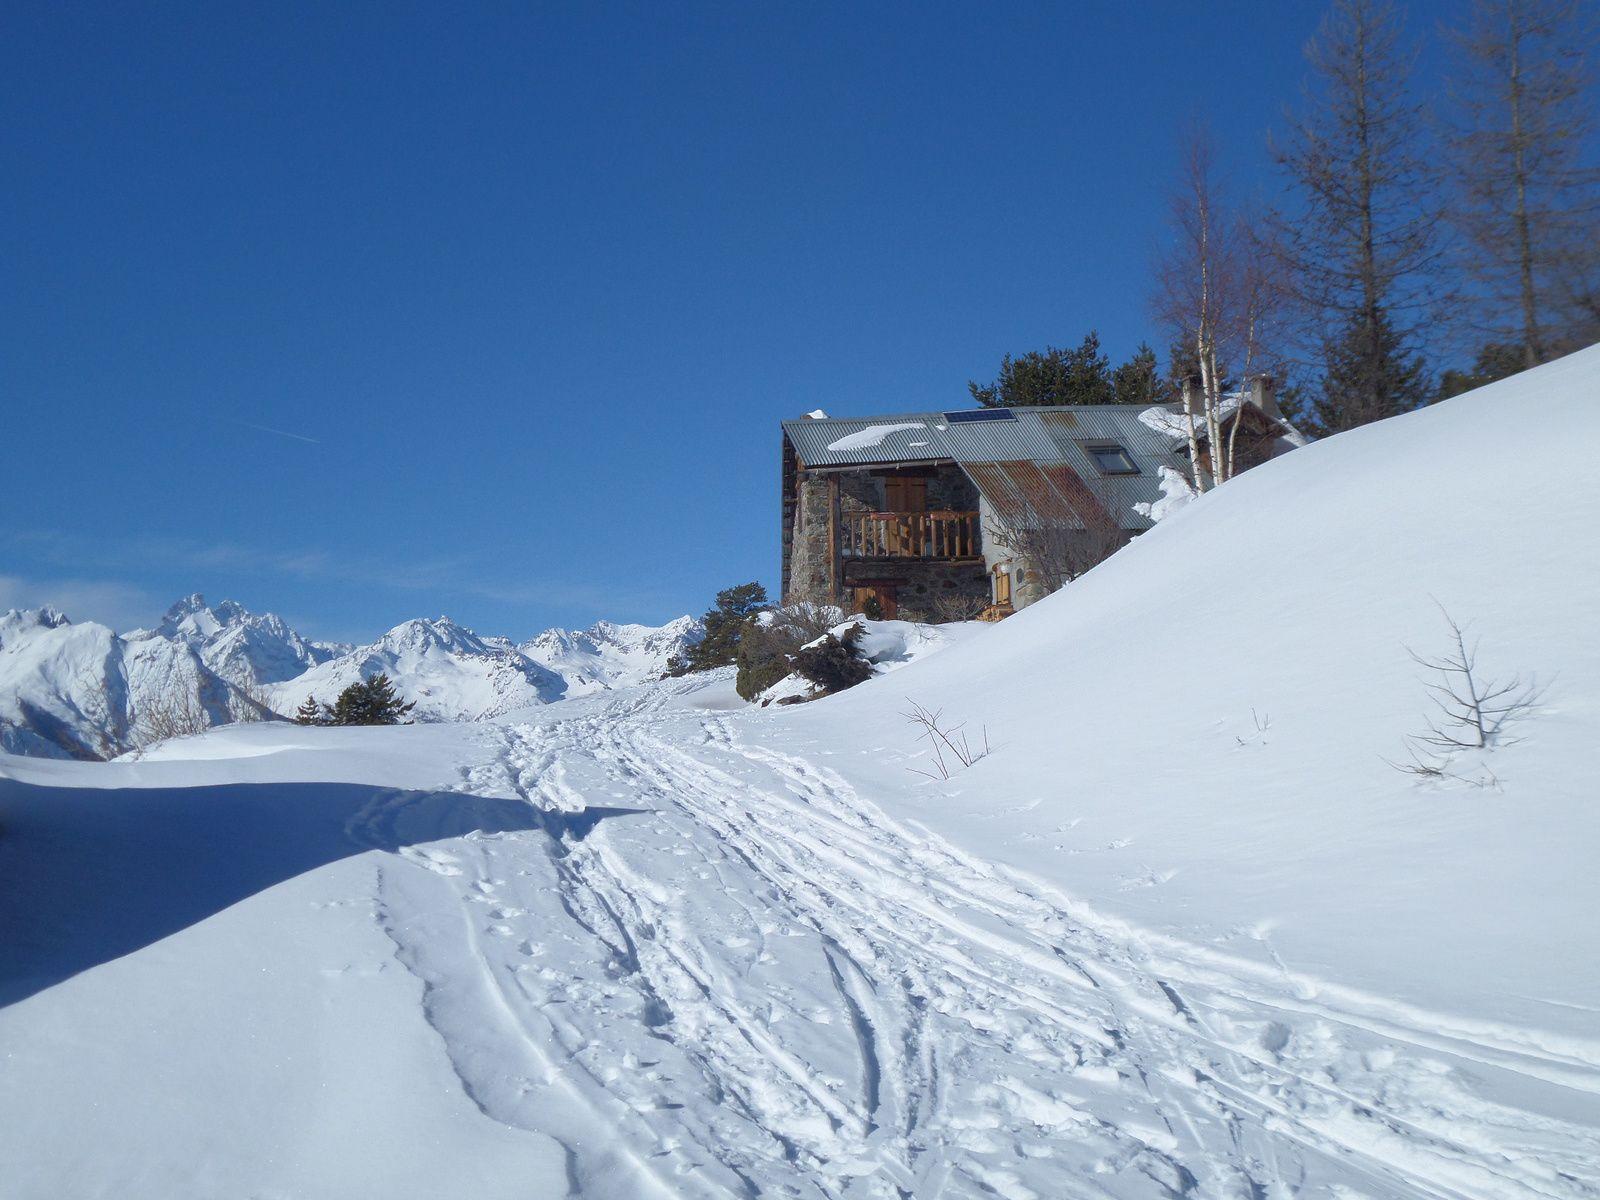 Quelques photos de Villard Laté au Col du Granon et ci dessous des LIENS vers d'autres superbes Itinéraires de Randonnée Nordique !!